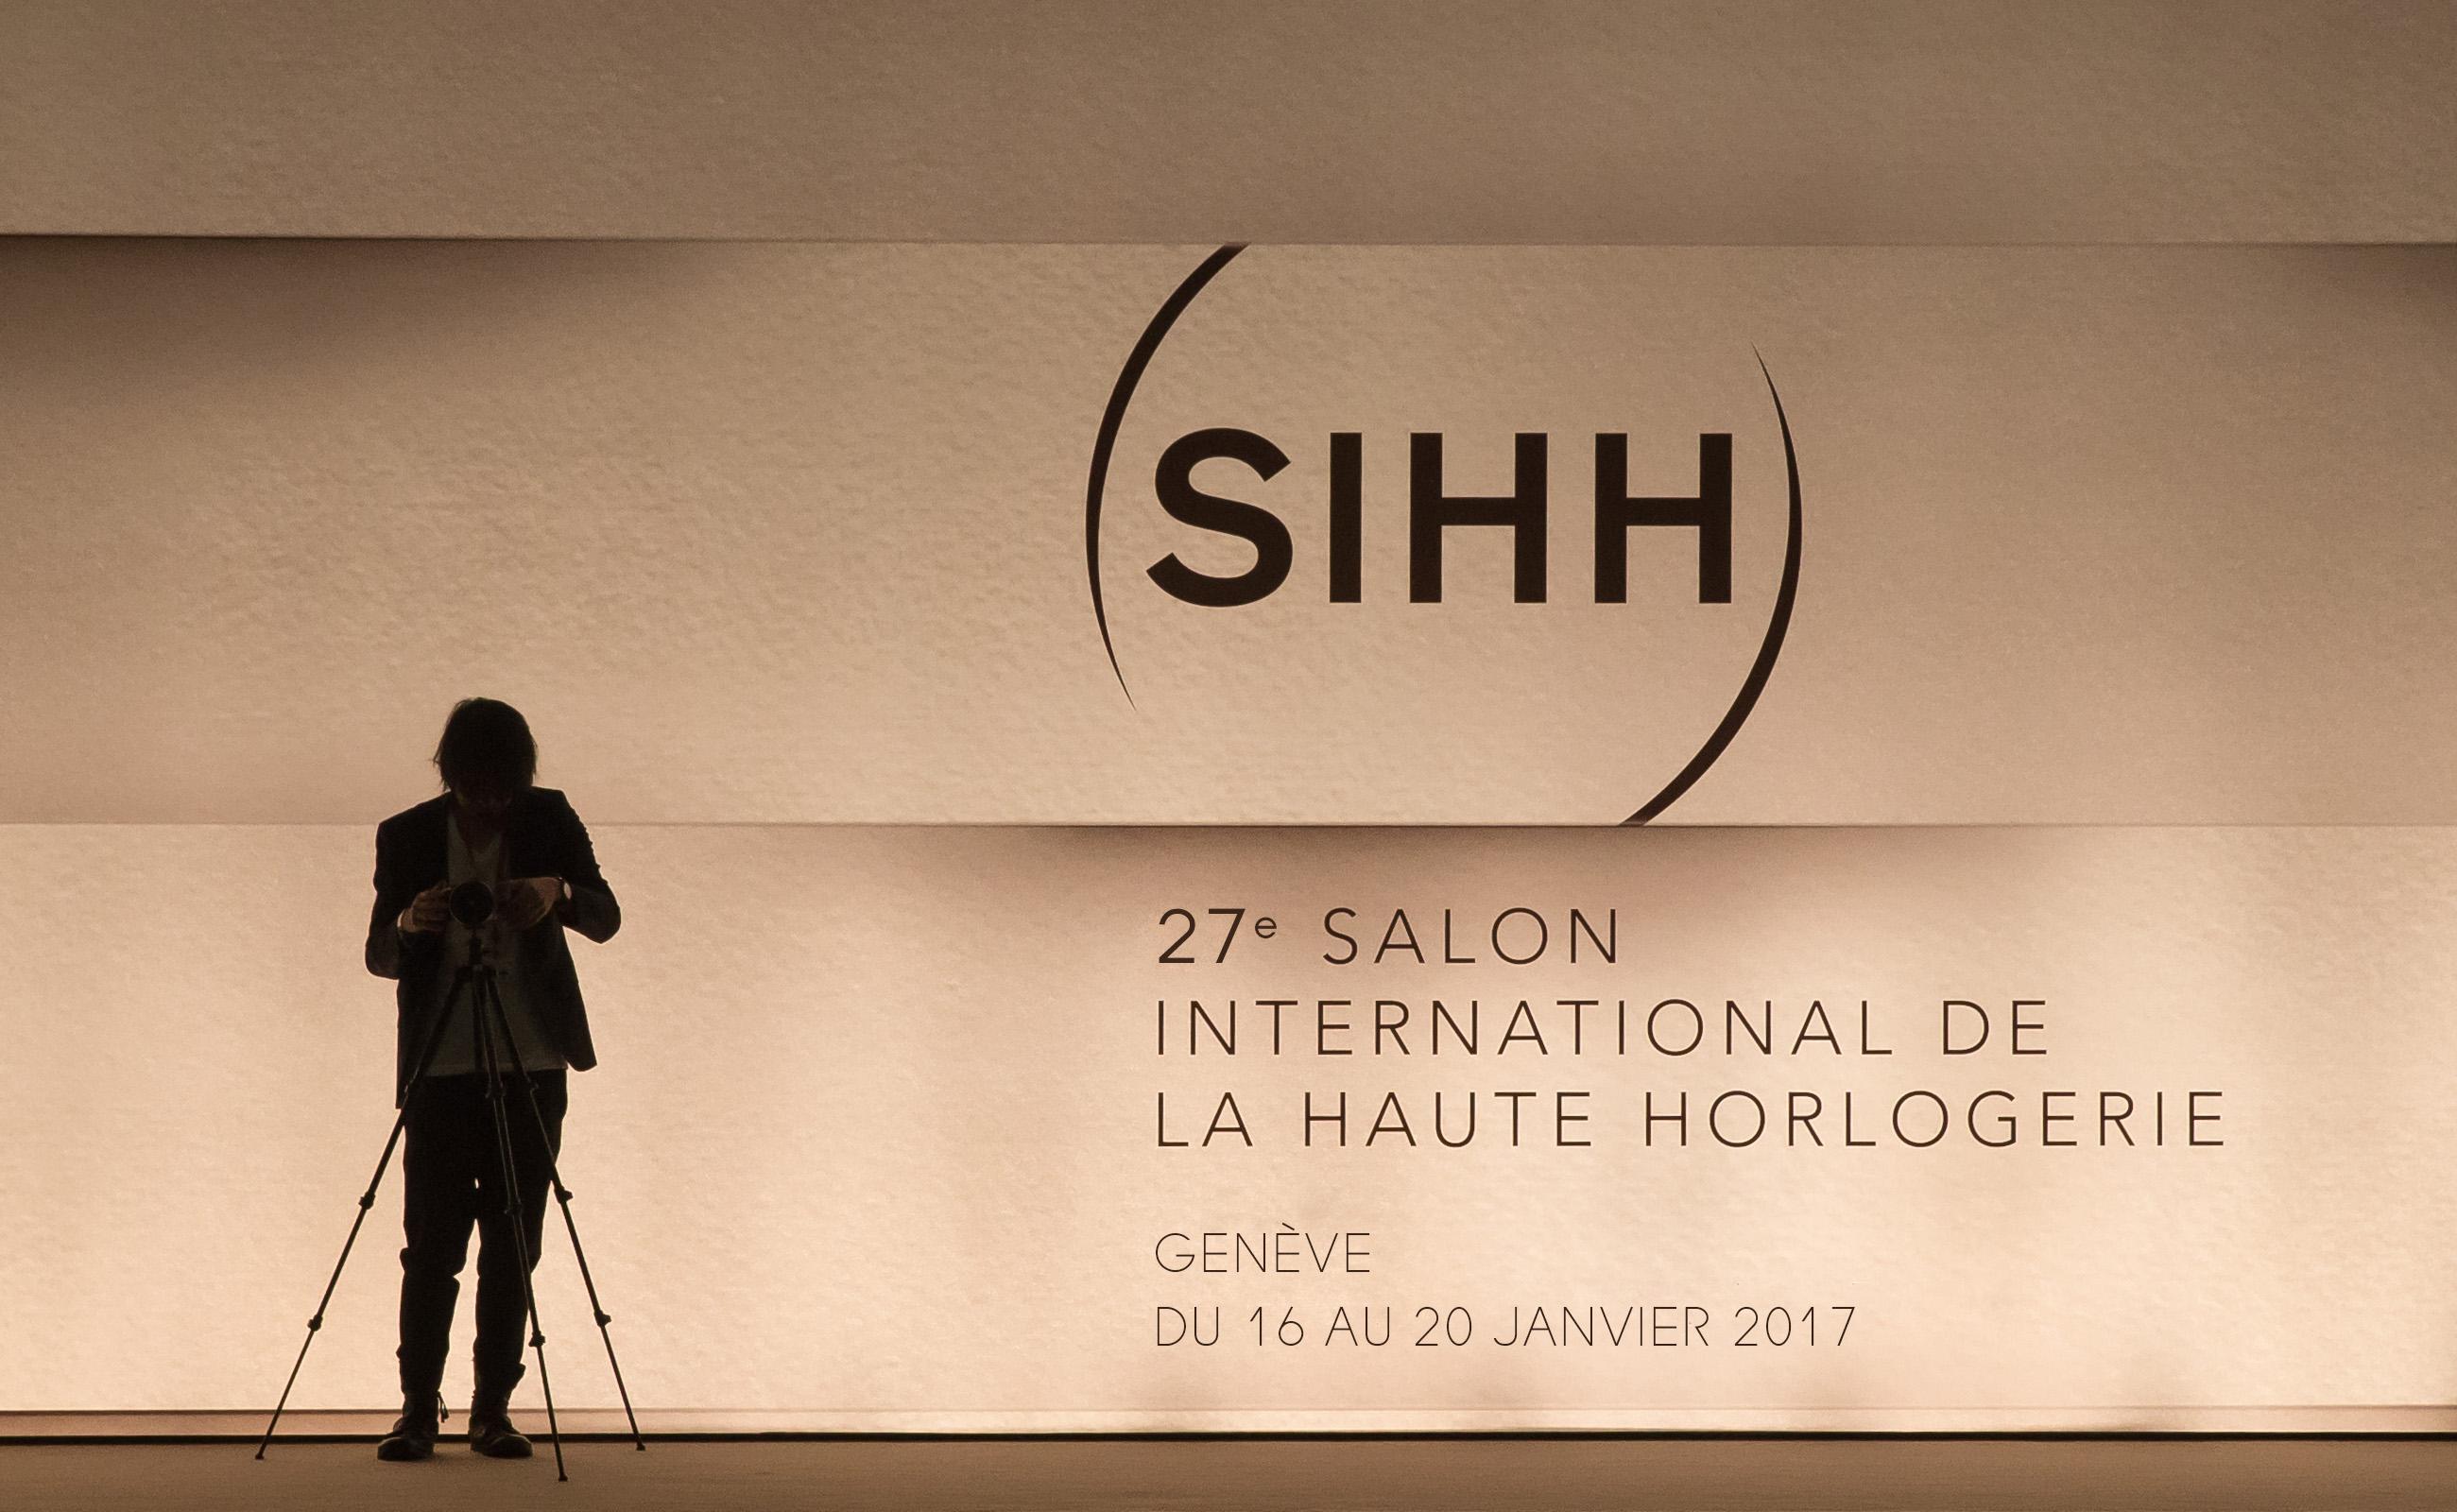 d28f539cb8b Algumas relojoarias já estão antecipando seus lançamentos para o Salão  Internacional de Alta Relojoaria de Genebra de 2017 (SIHH). O evento  acontecerá entre ...